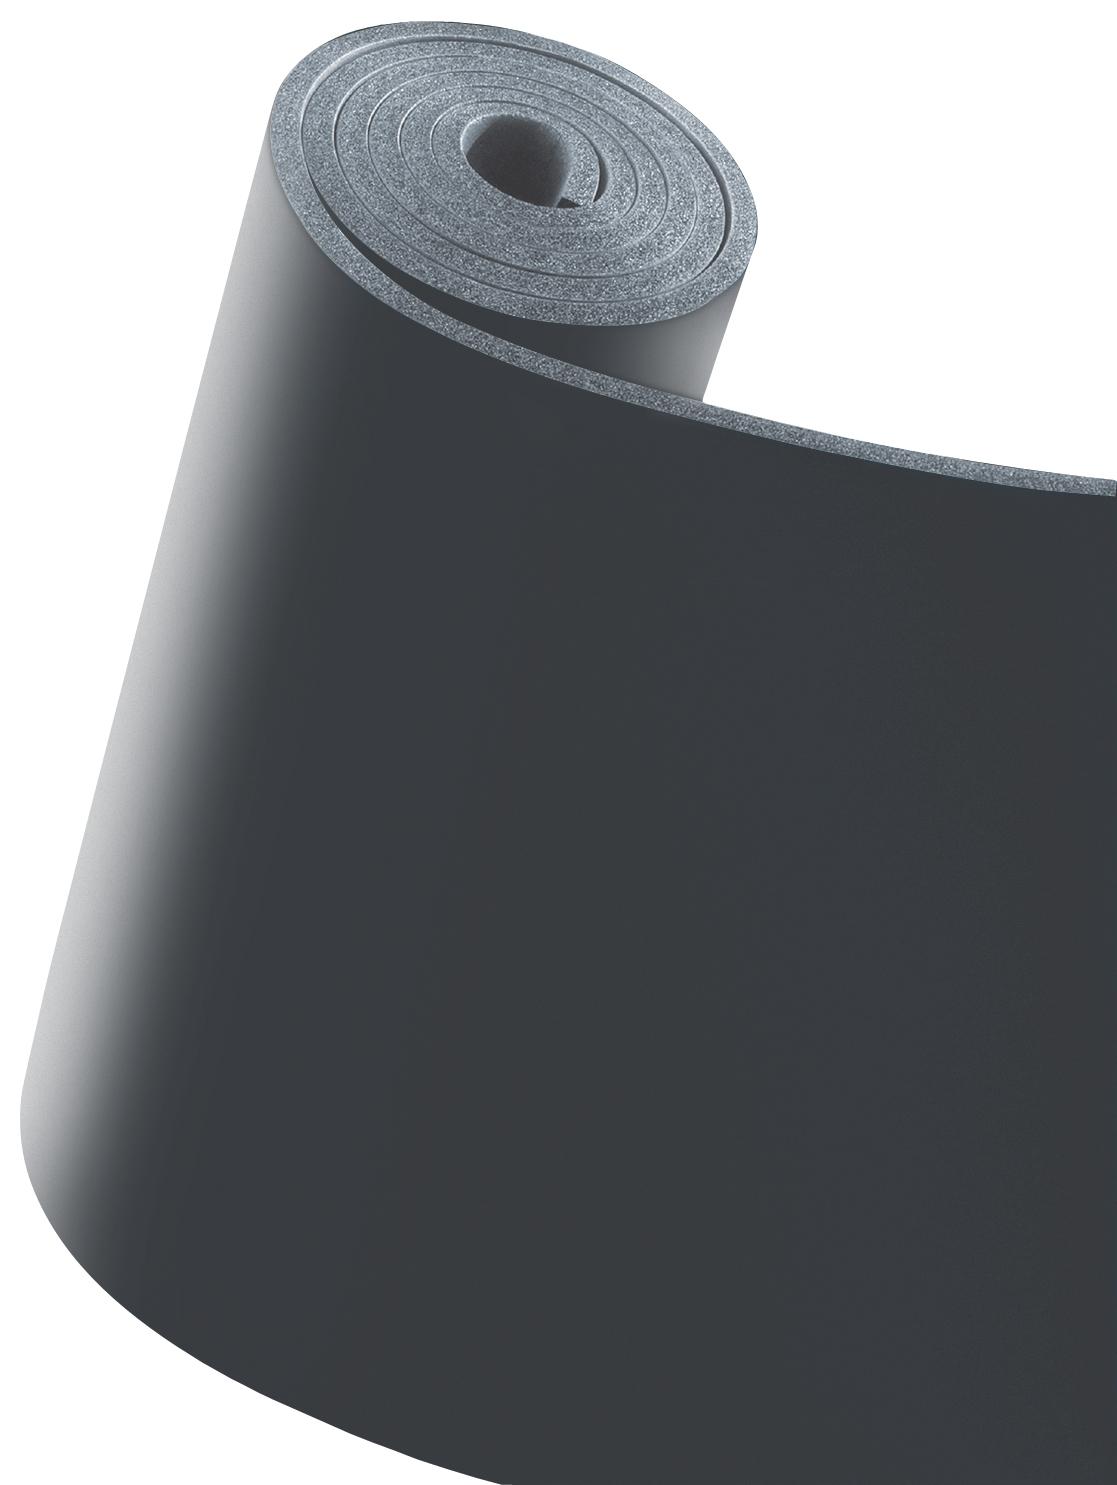 Рулон K-Flex ST толщина 3мм